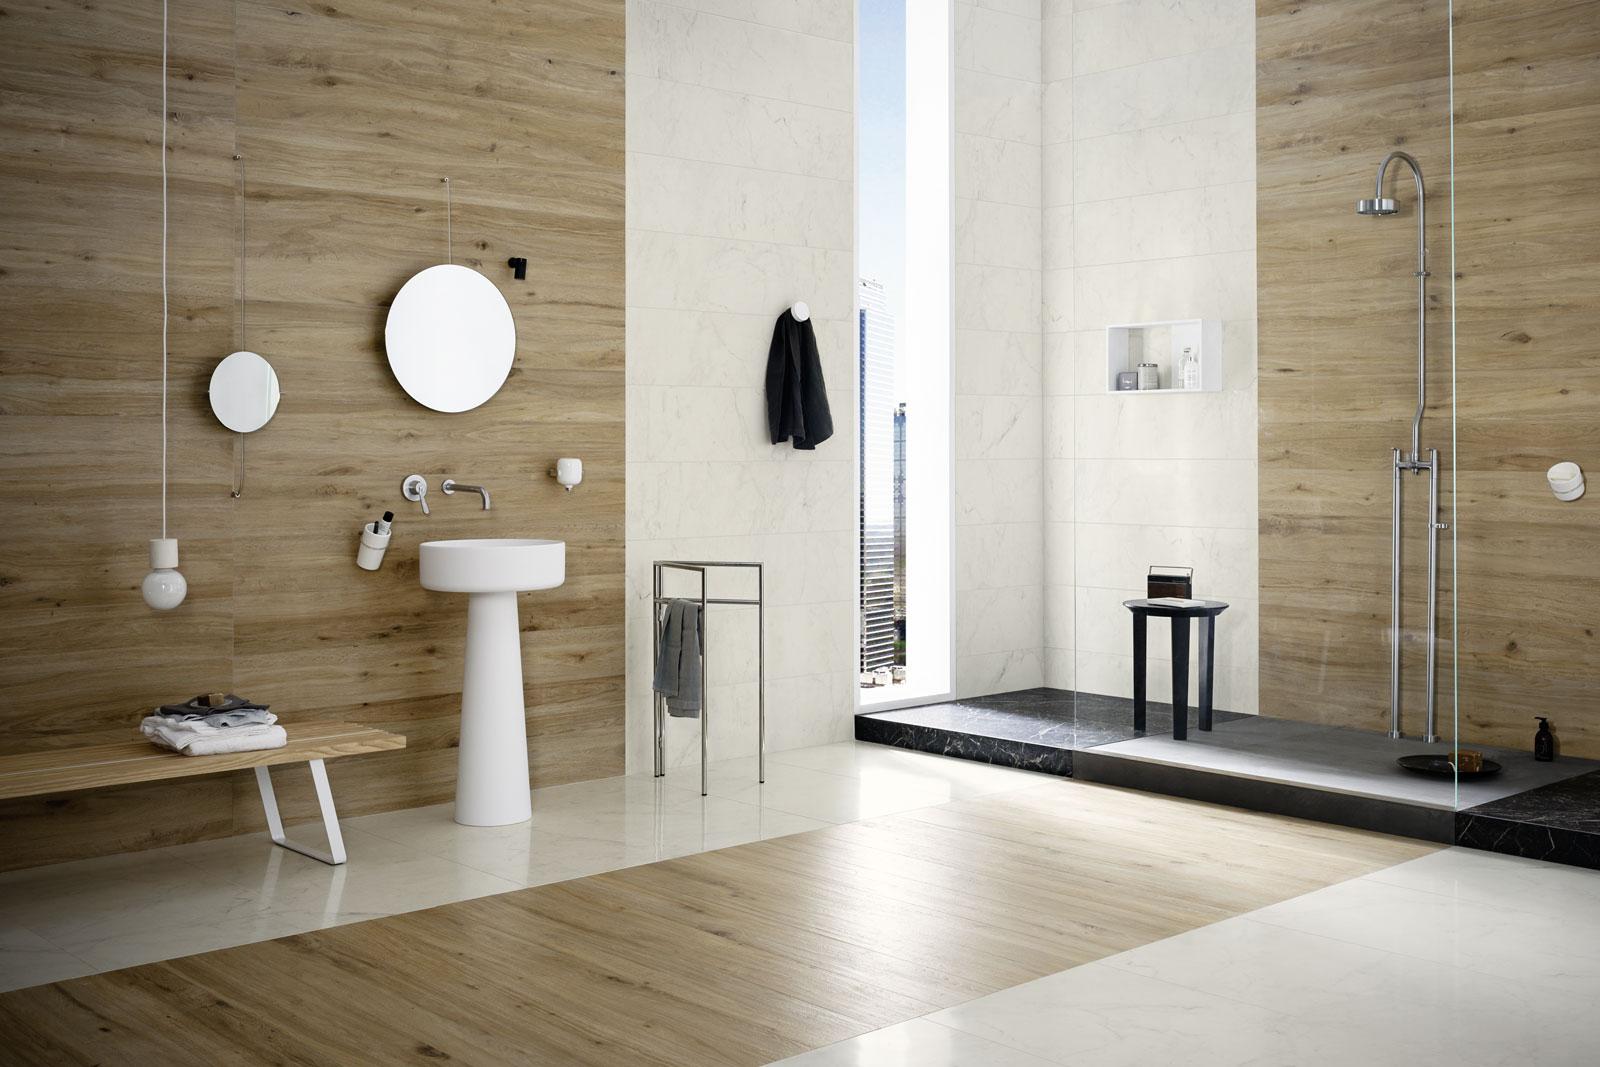 Badezimmer » Badezimmer Fliesen Braun Weiß - Tausende Fotosammlung ... Badezimmer Braun Weiss